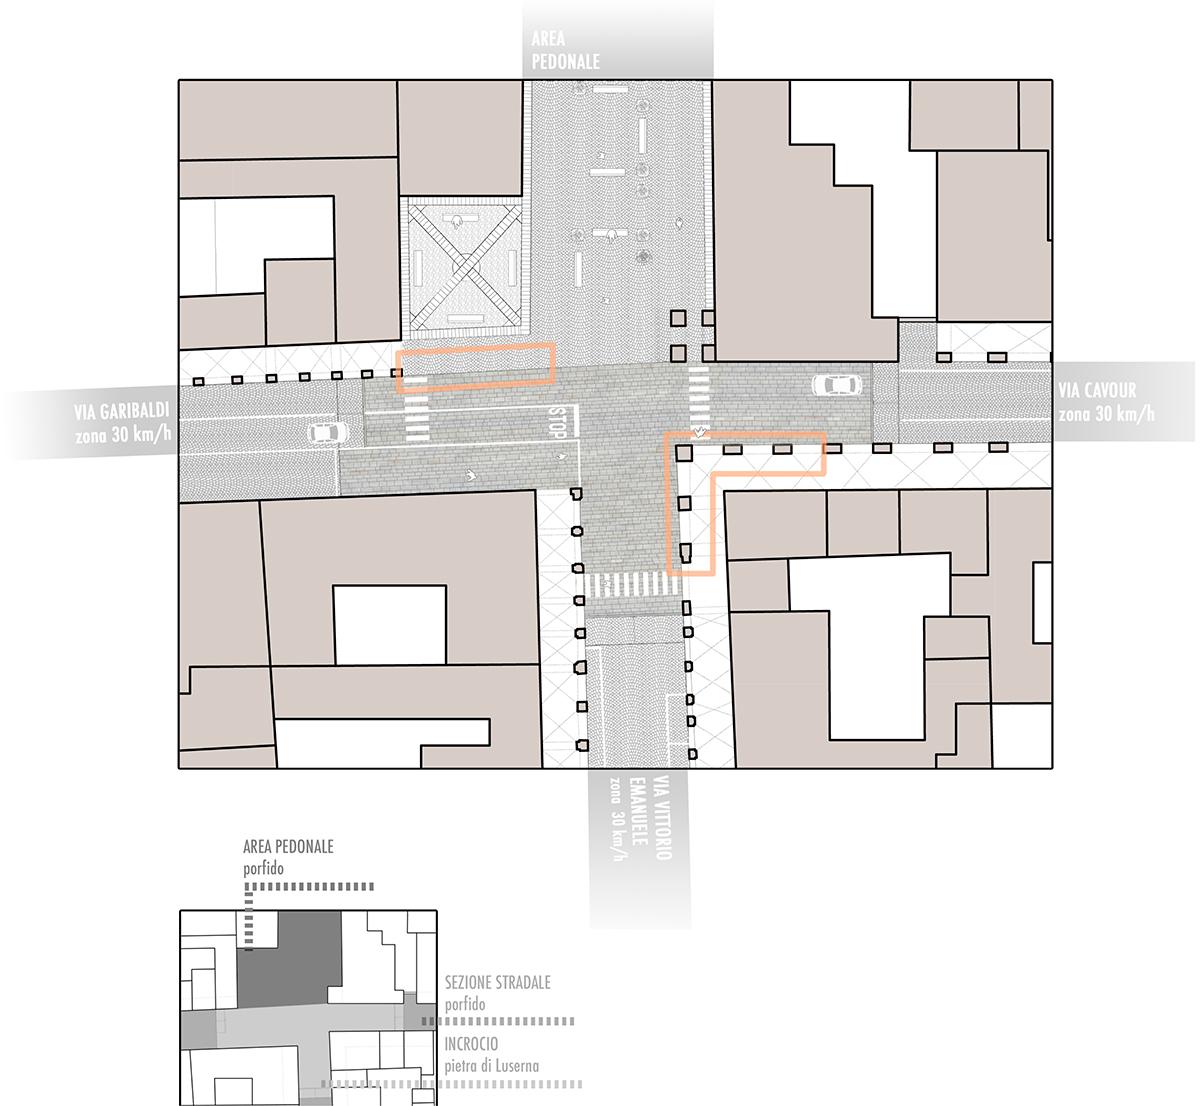 DAR-Architettura_Piano-dell_arredo-urbano06